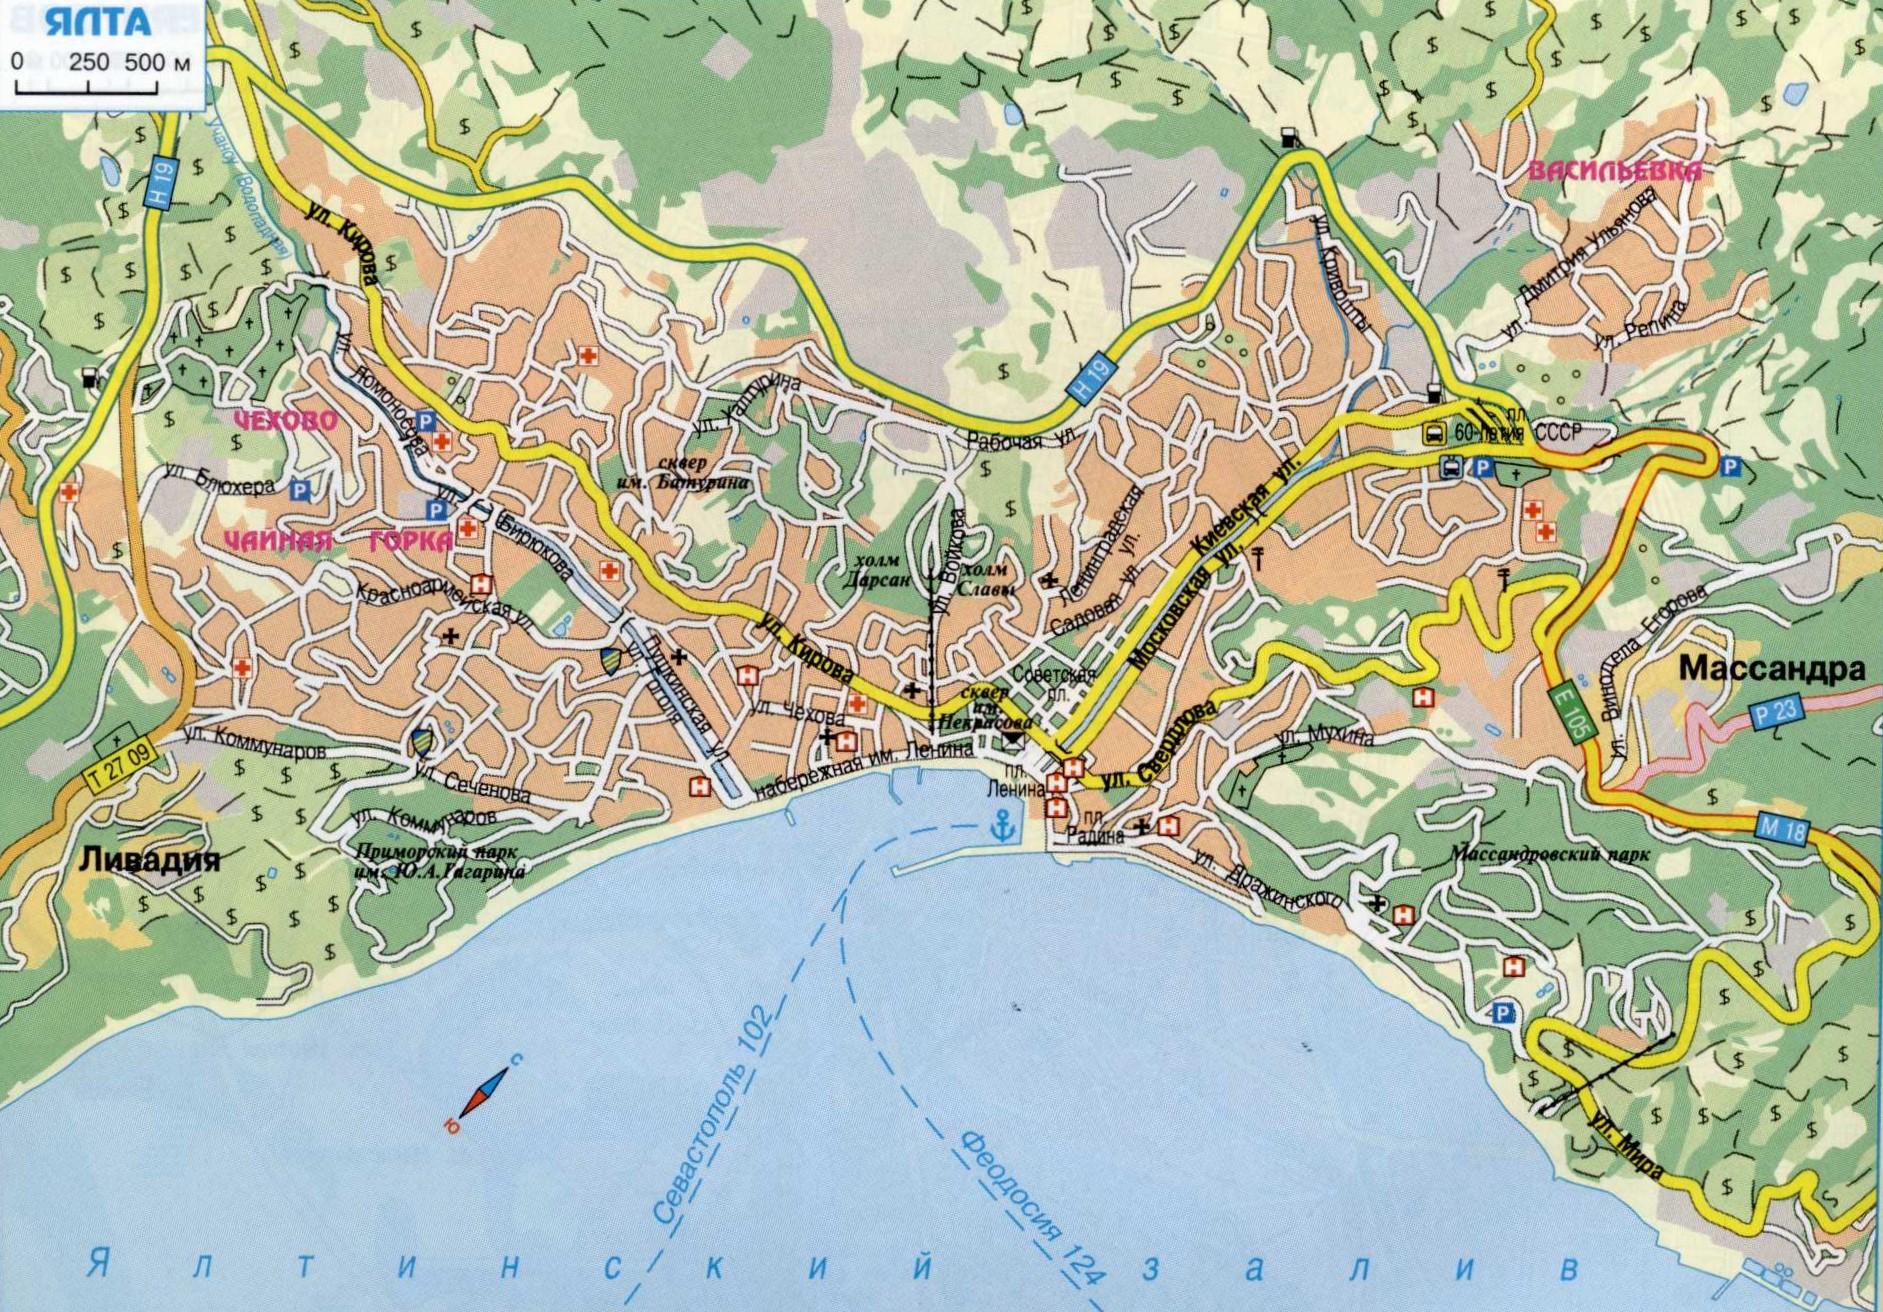 Подробная онлайн карта екатеринбурга. Карта транспорта и метро.